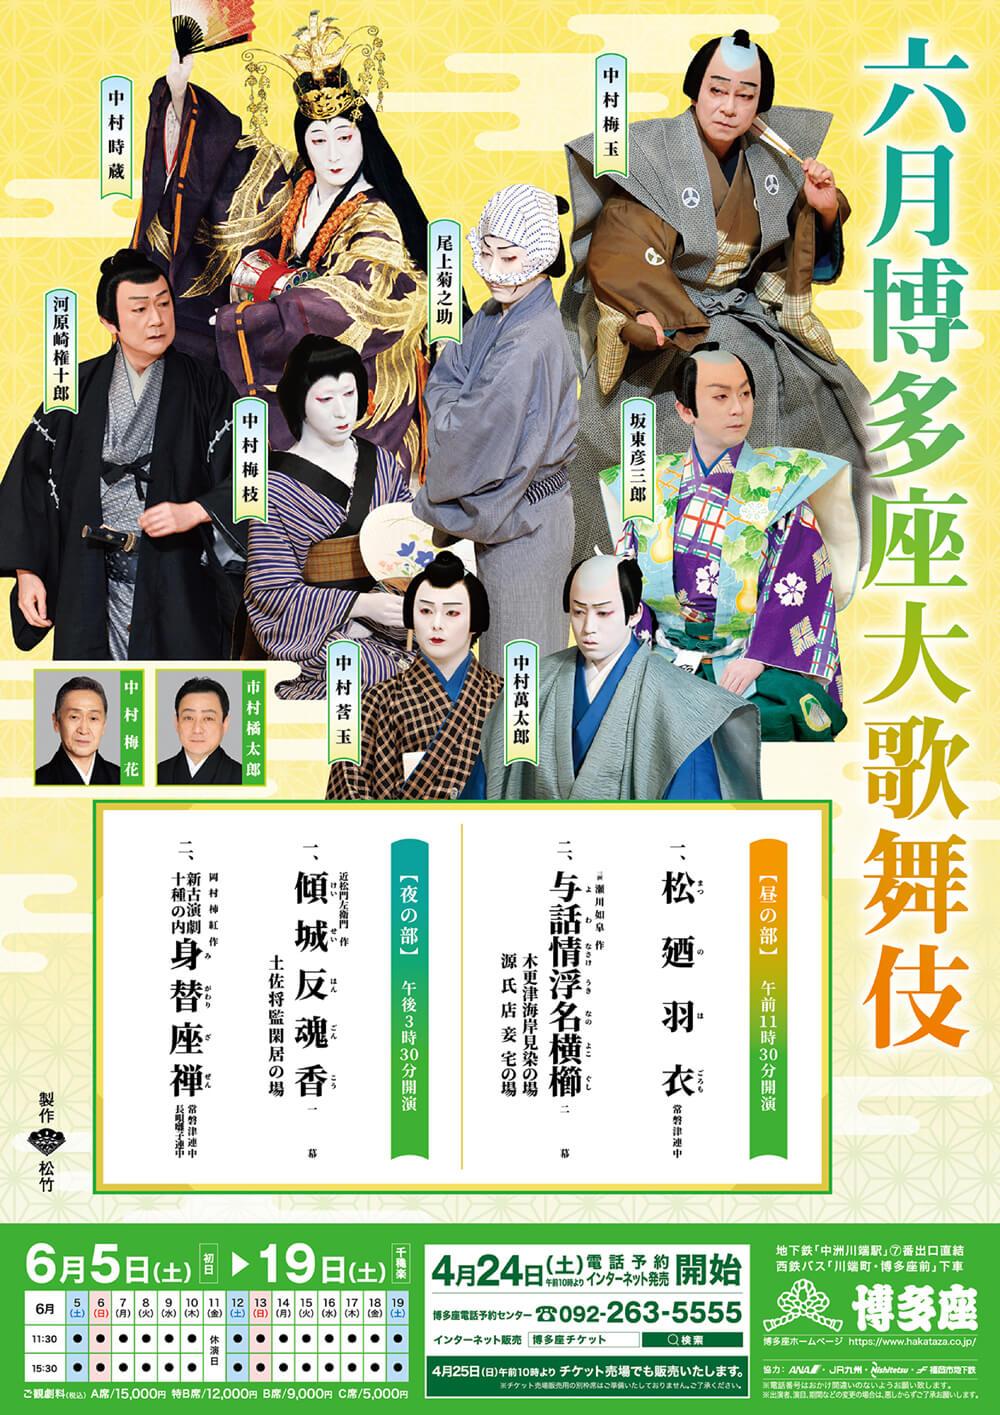 座 公演 博多 スーパー歌舞伎II(セカンド) 新版